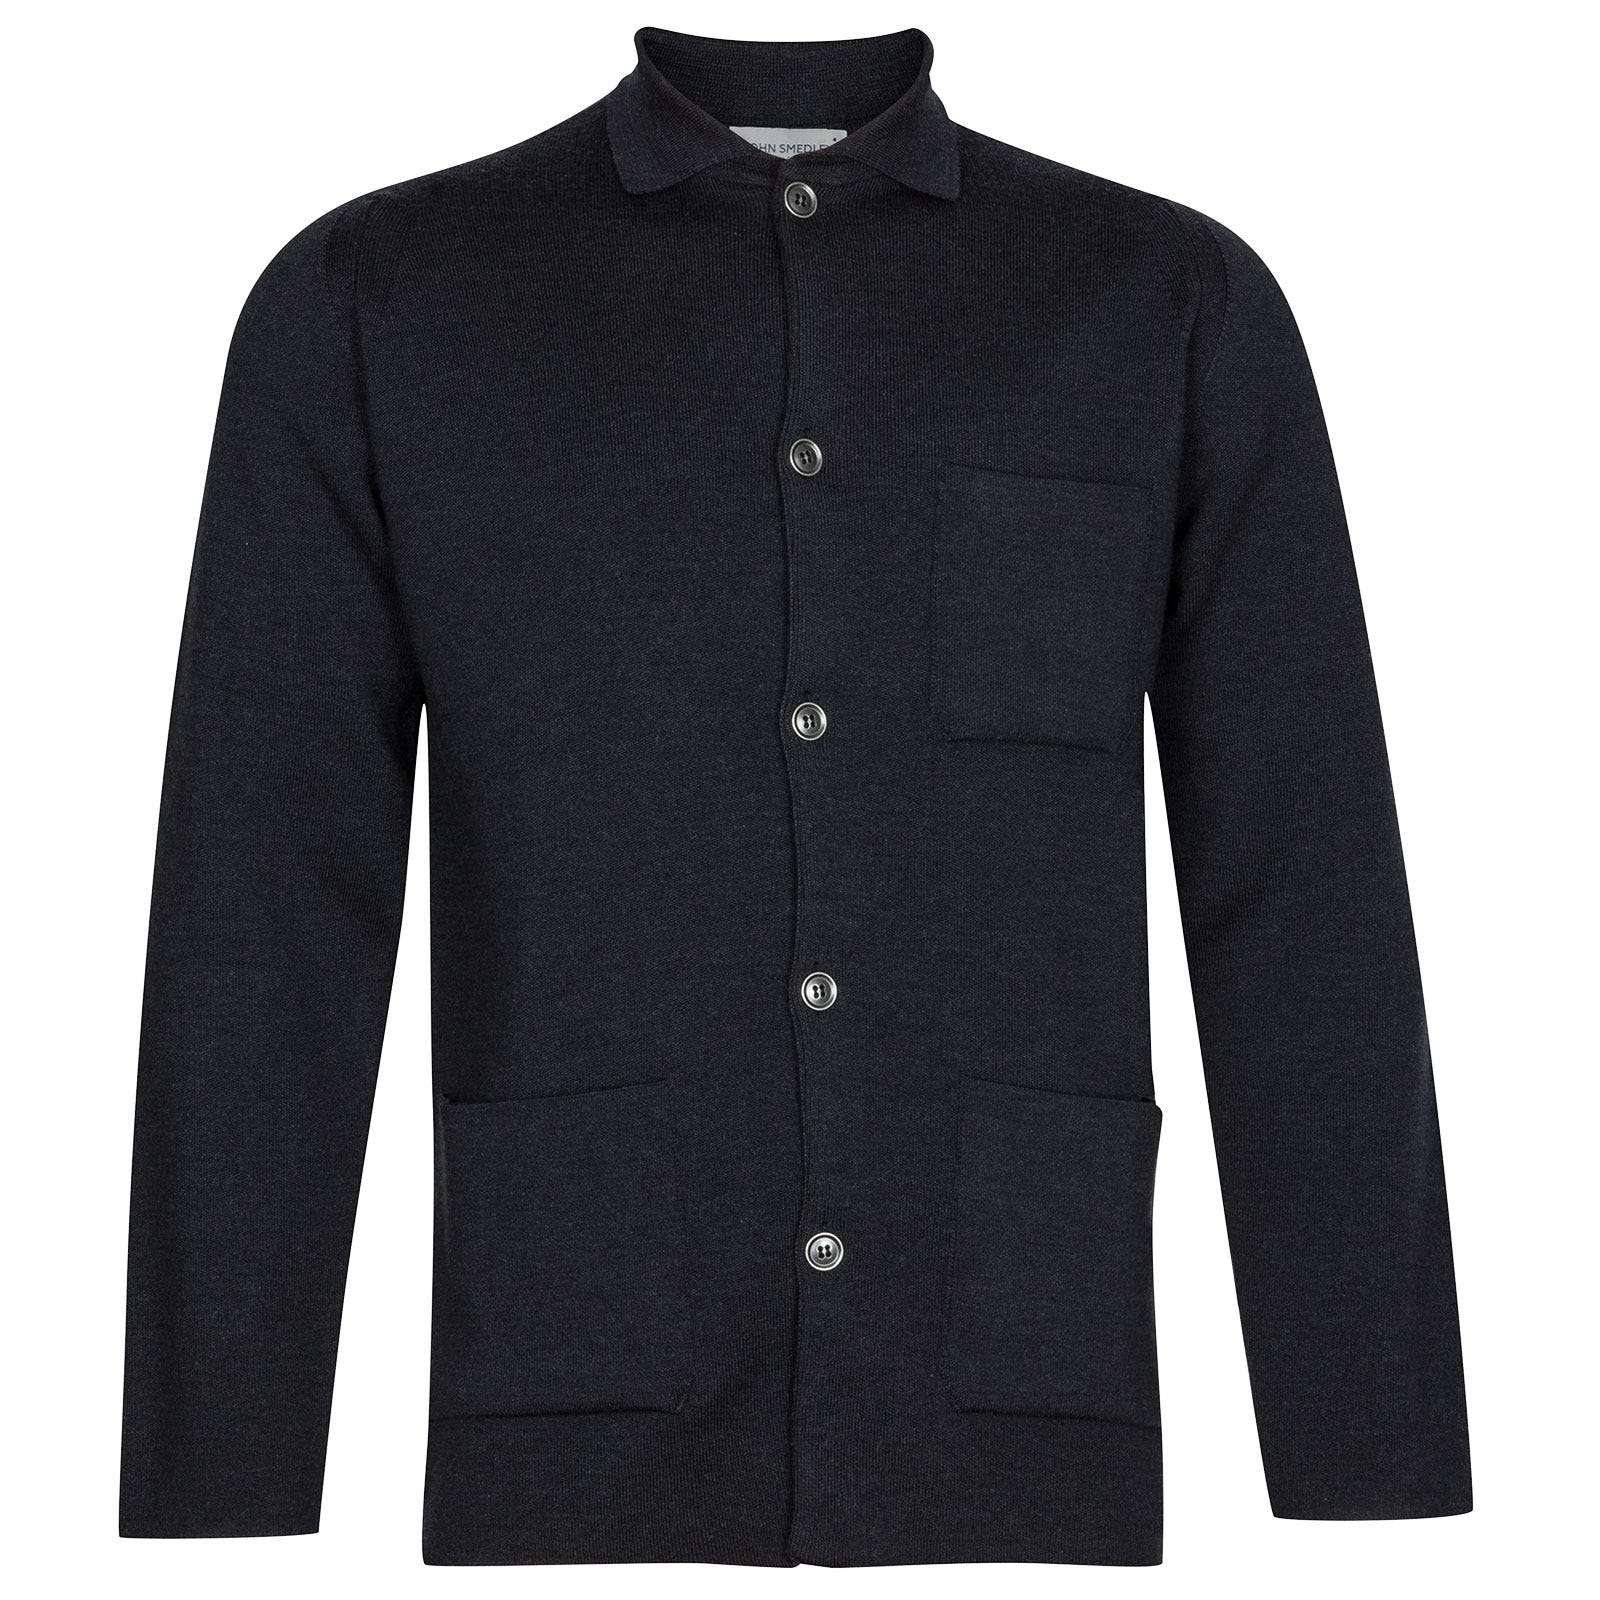 John Smedley Copper Merino Wool Jacket in Hepburn Smoke-S